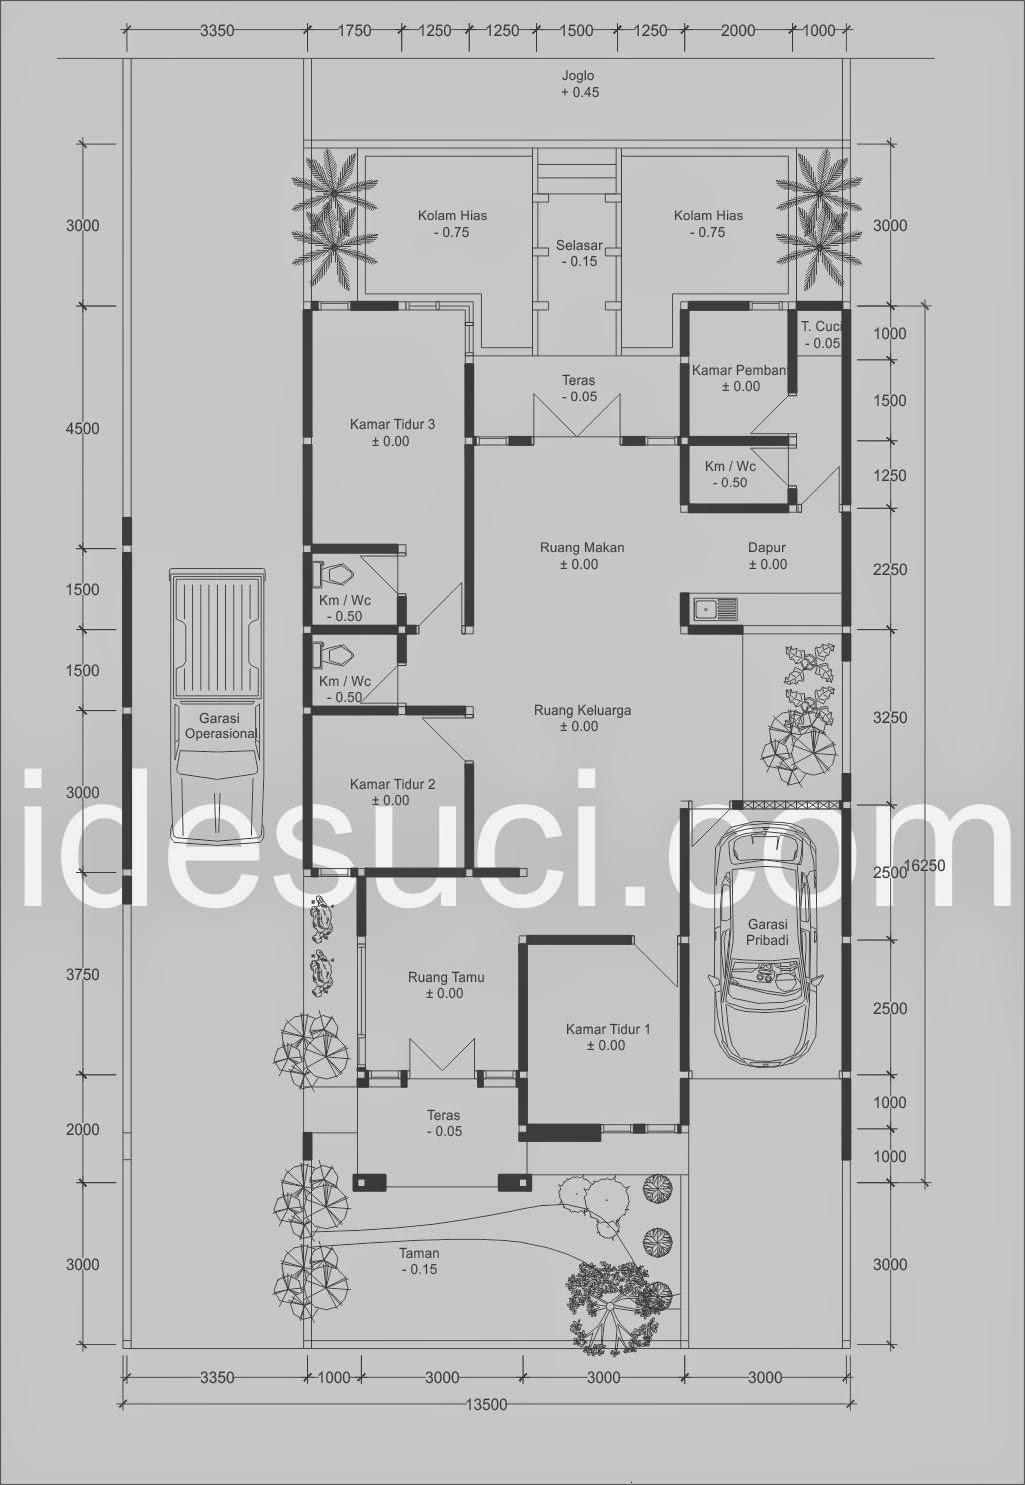 69 Desain Rumah Minimalis Dan Rab Desain Rumah Minimalis Terbaru